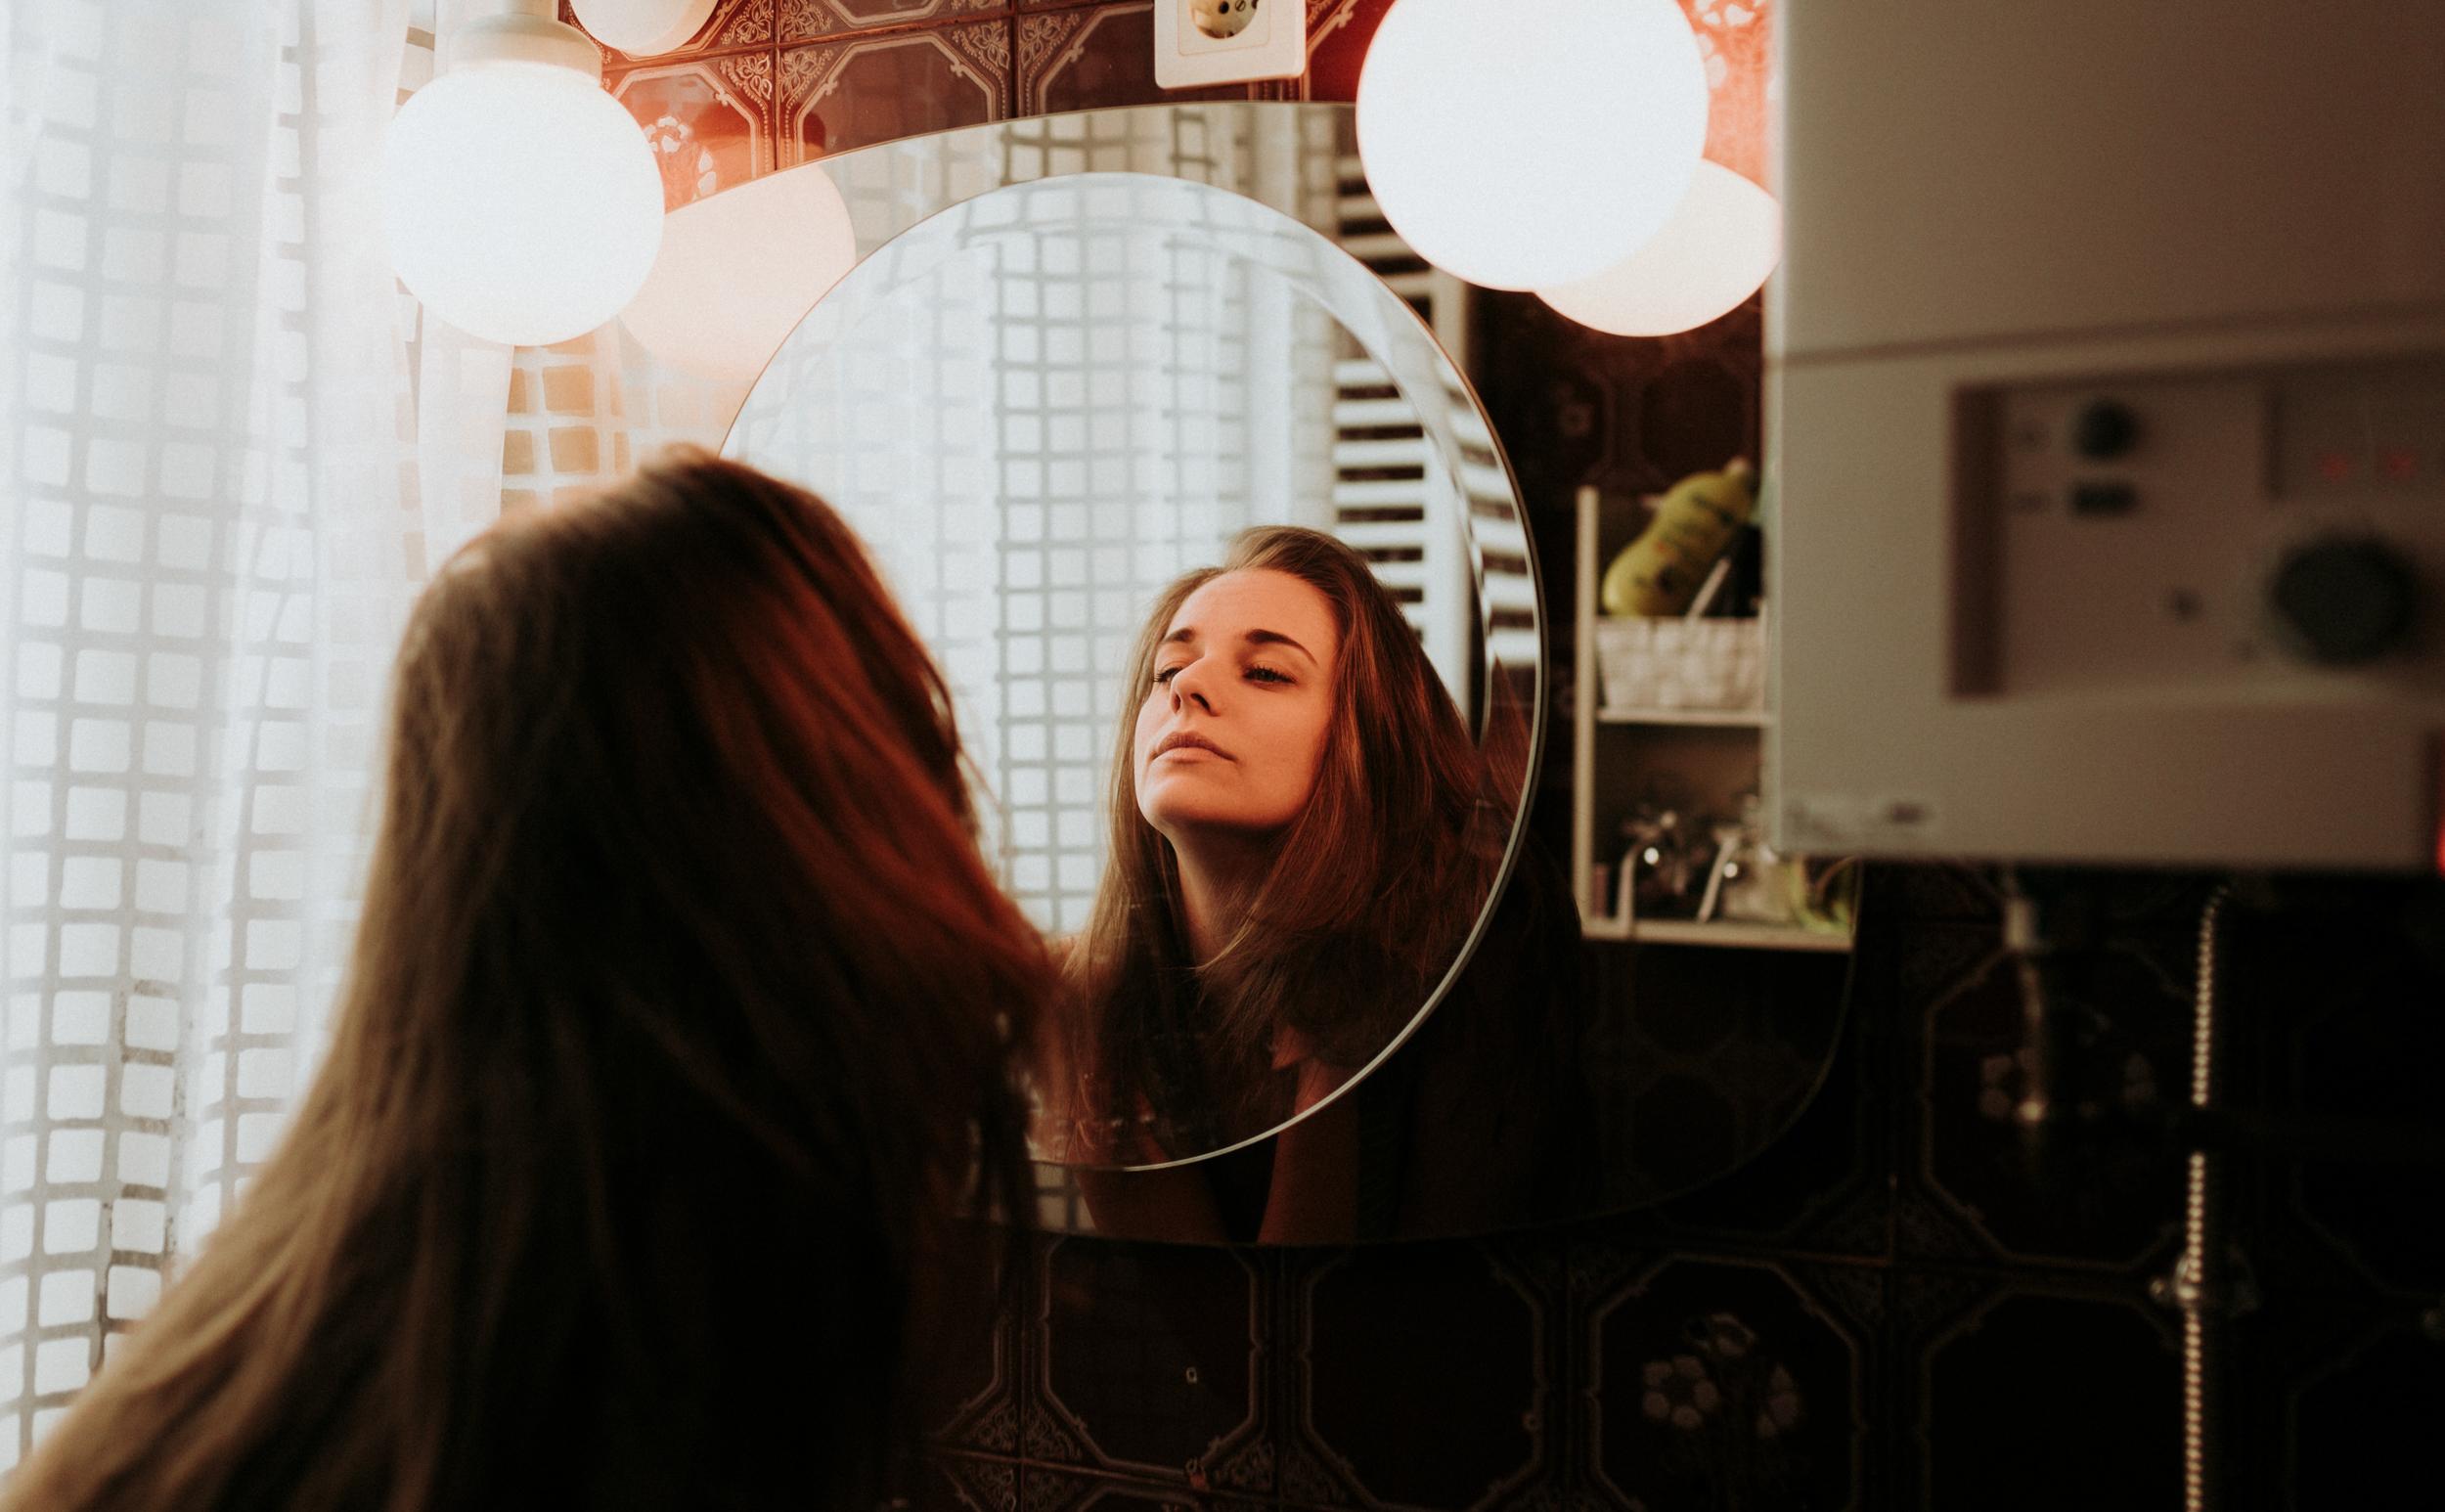 Molly otthoni lifestyle portré fotó. A fürdőszoba.